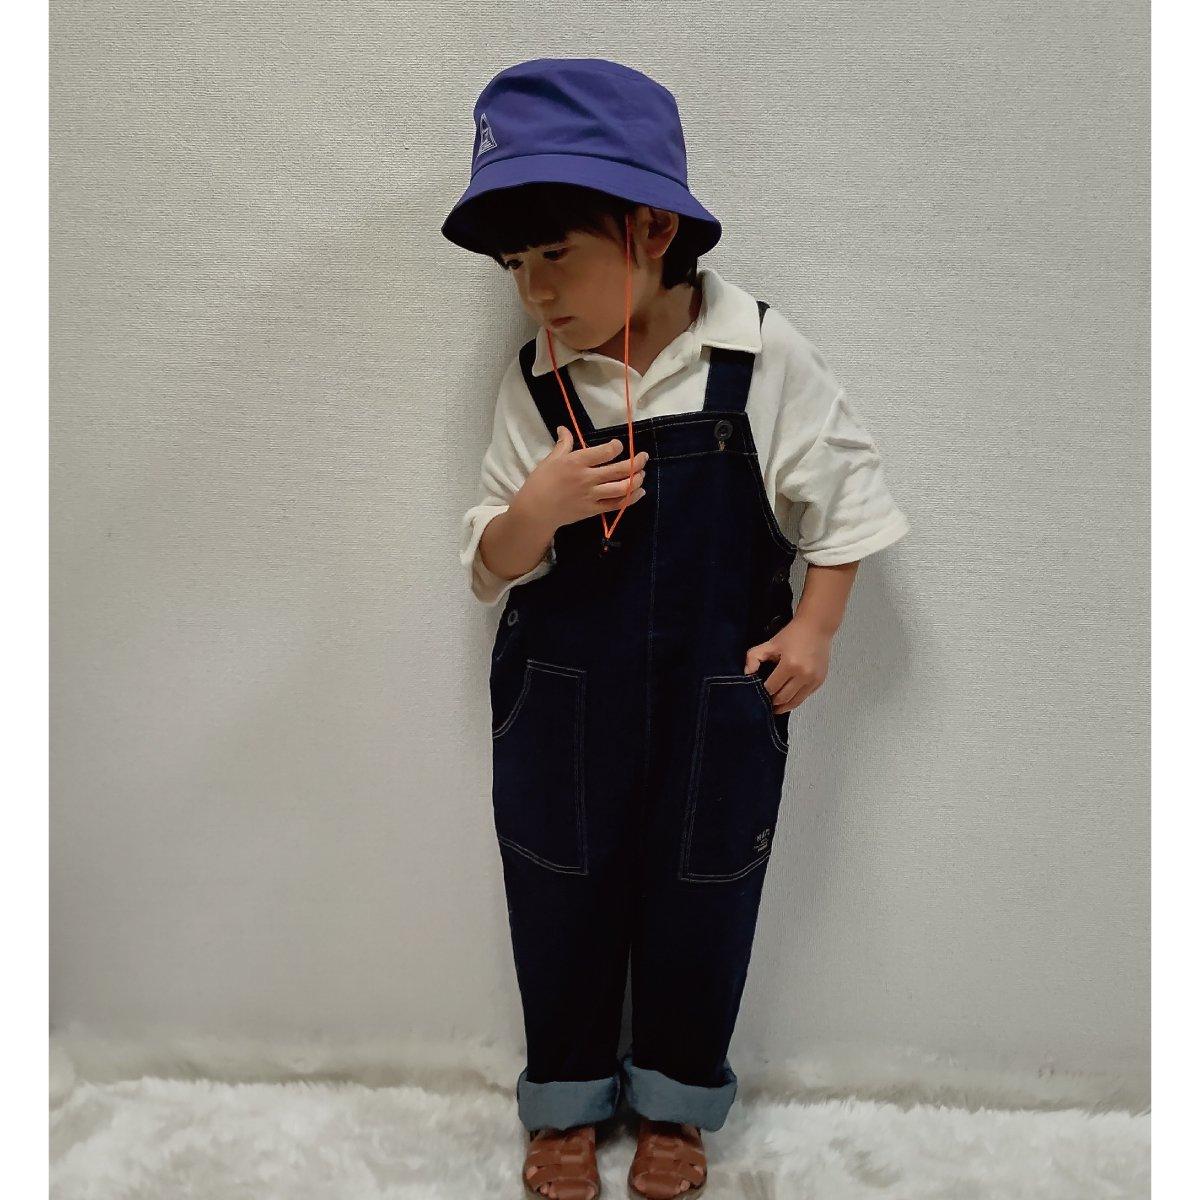 【KIDS】Kids Obey Hat 詳細画像27